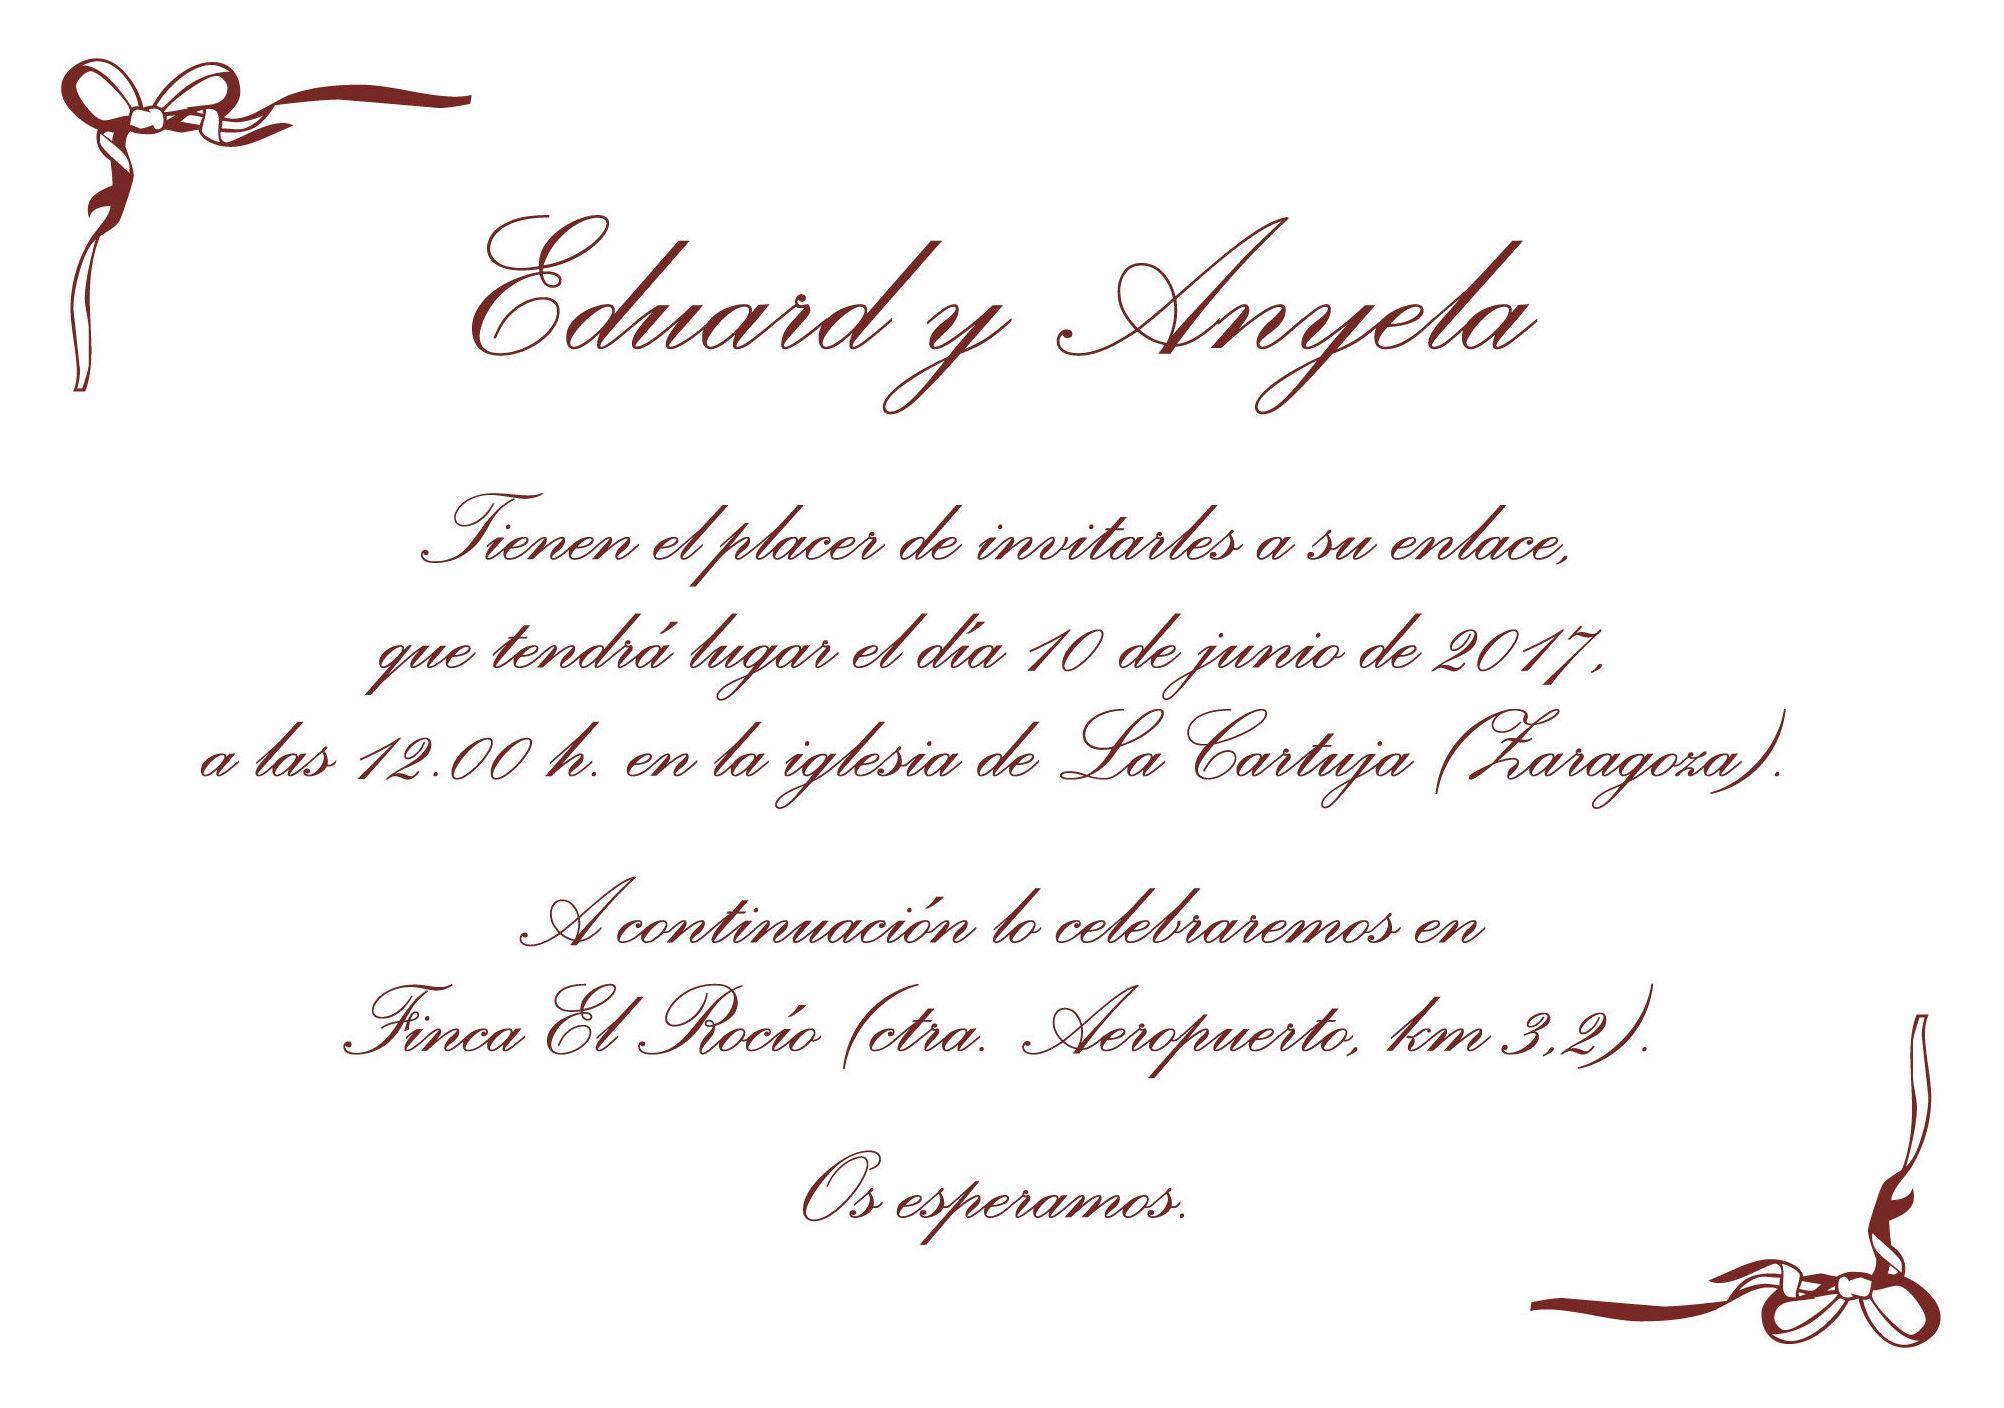 Impresión digital de invitaciones de boda en Zaragoza